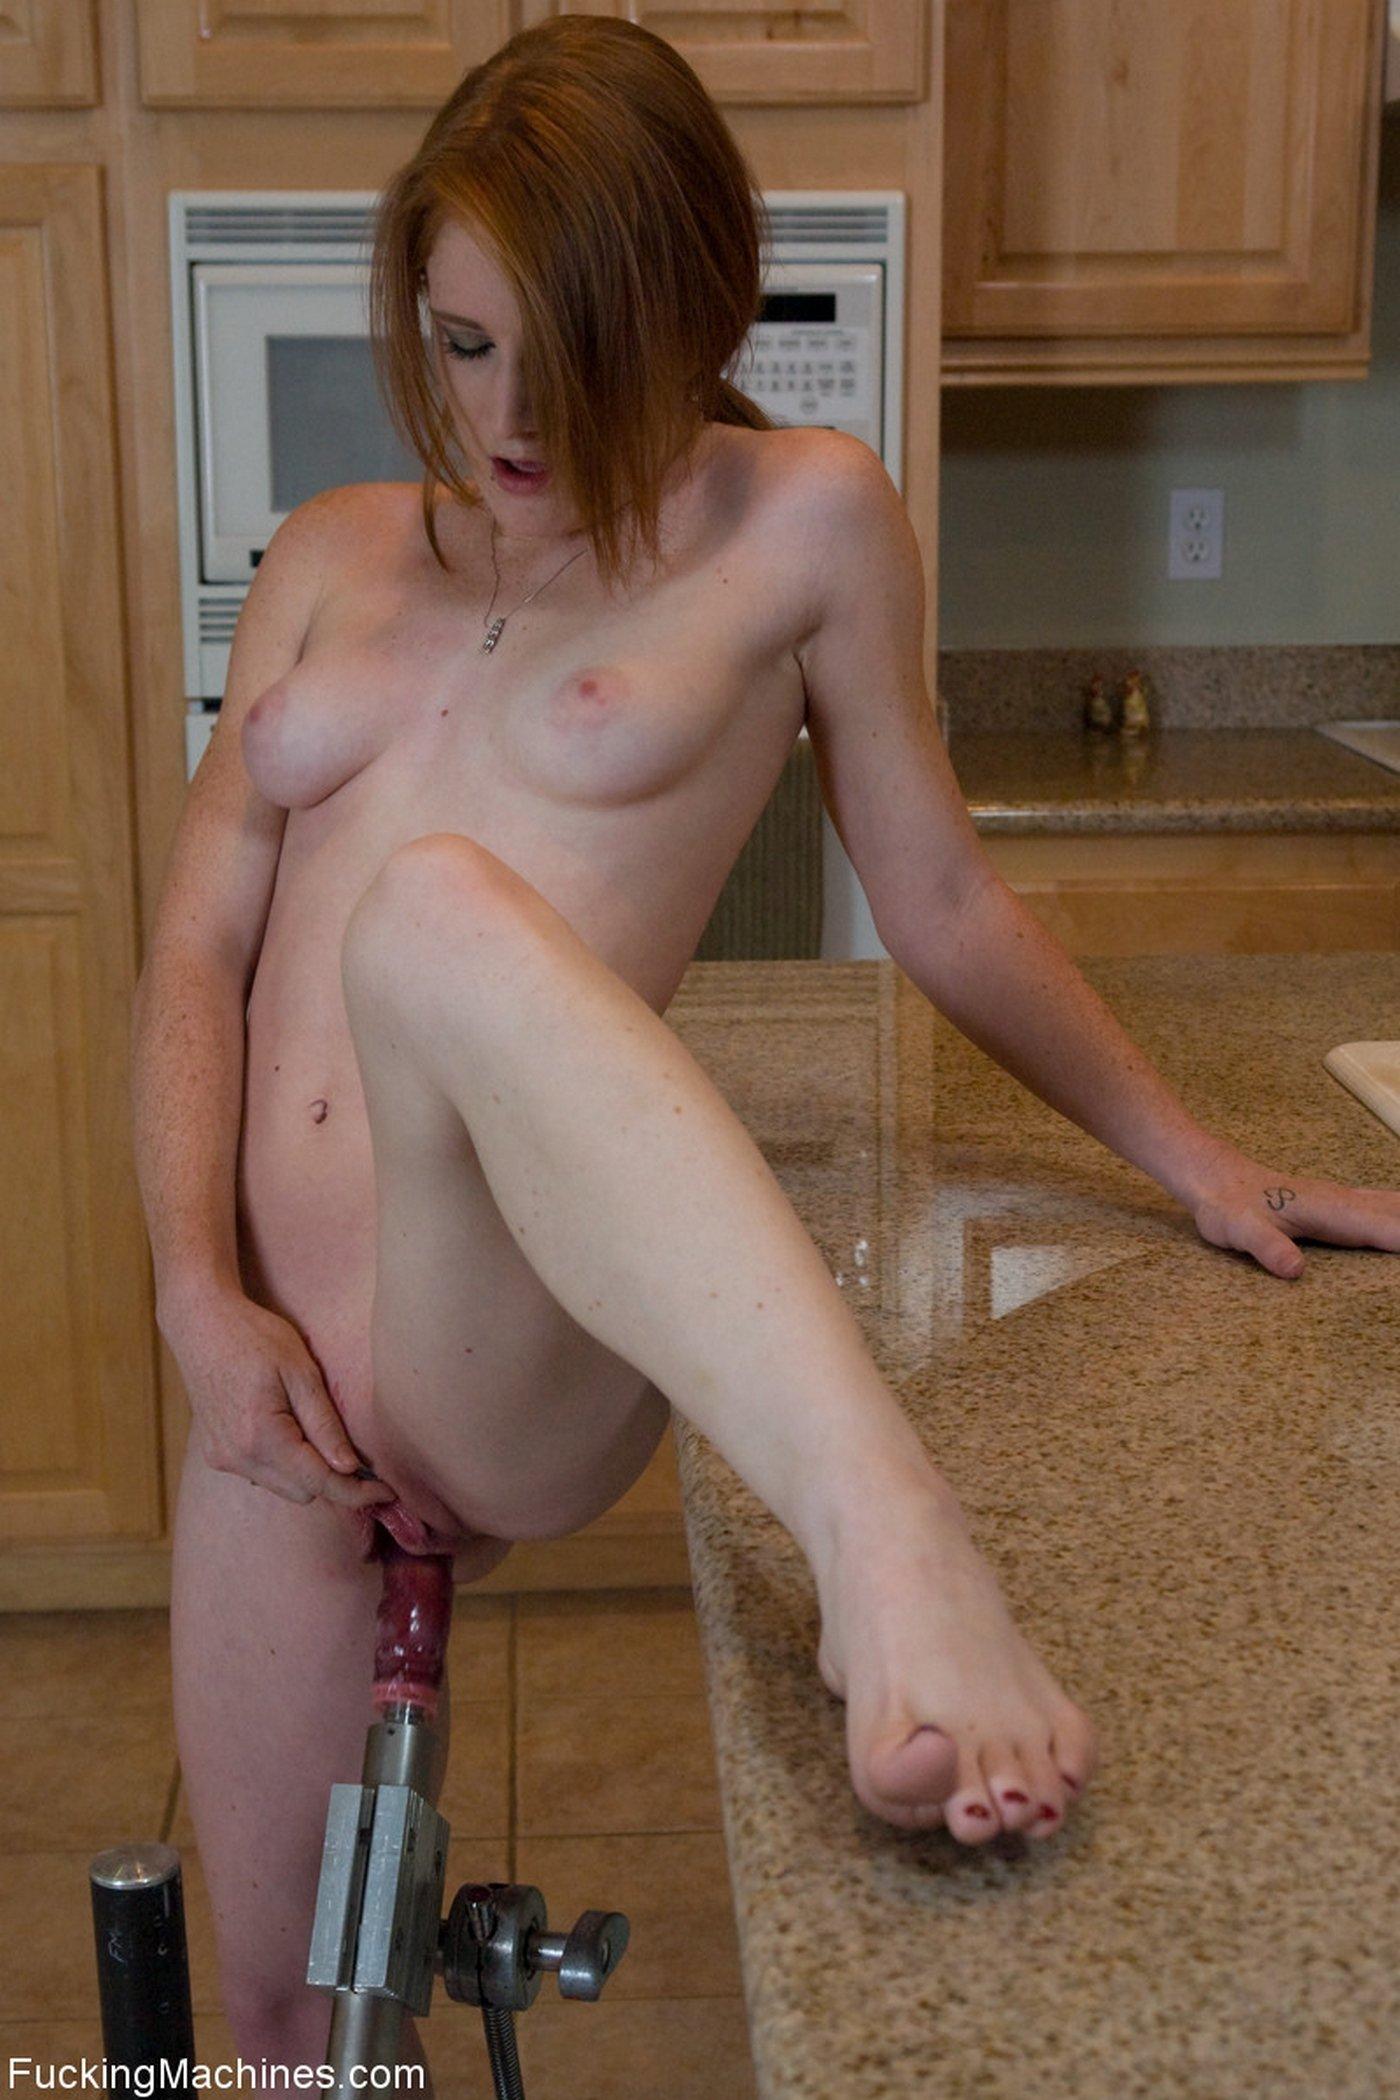 мастурбирует лобком на кухне